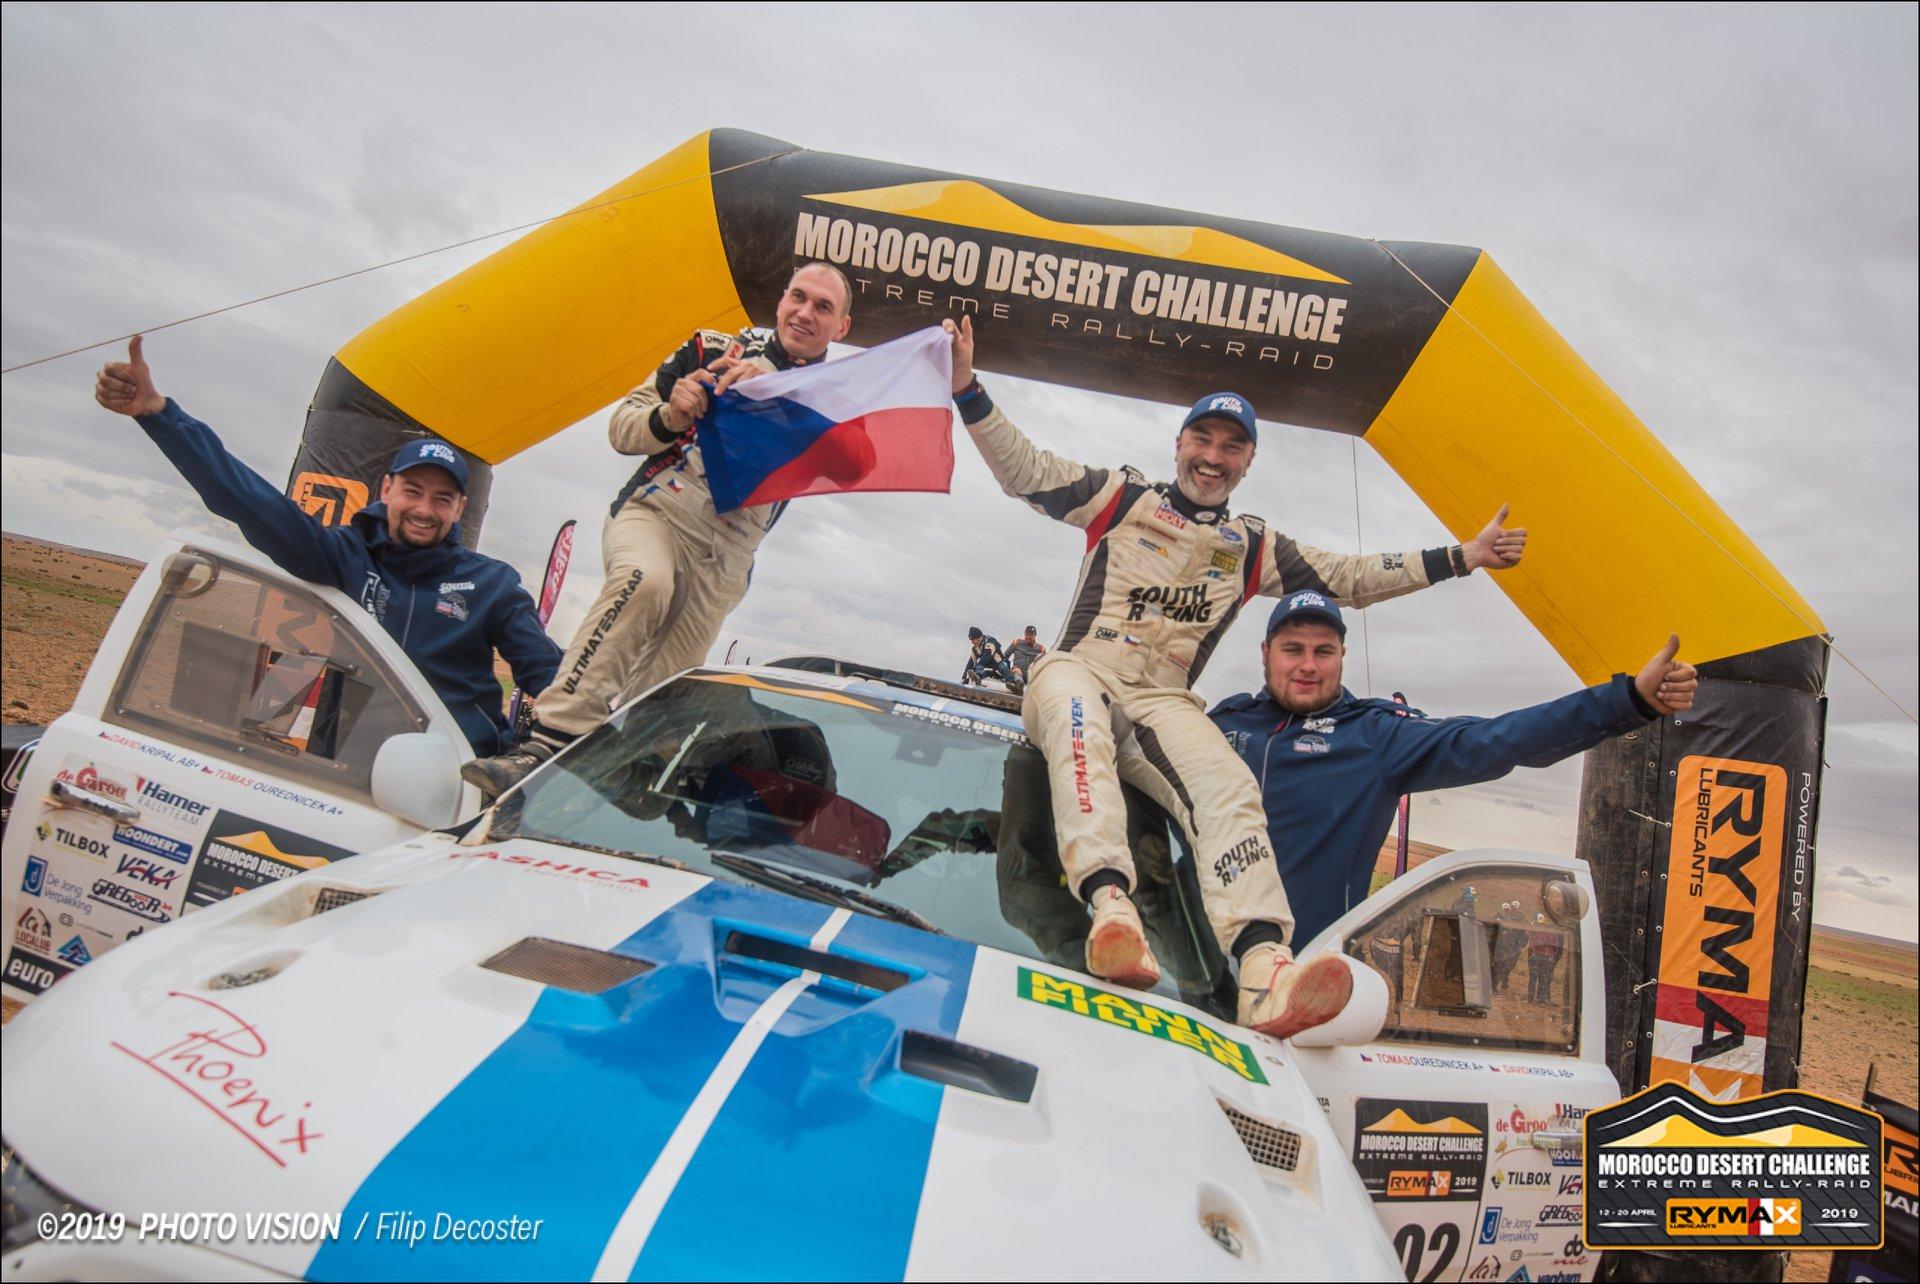 Tomáš Ouředníček, David Křípal, Morocco Desert Challenge 2019